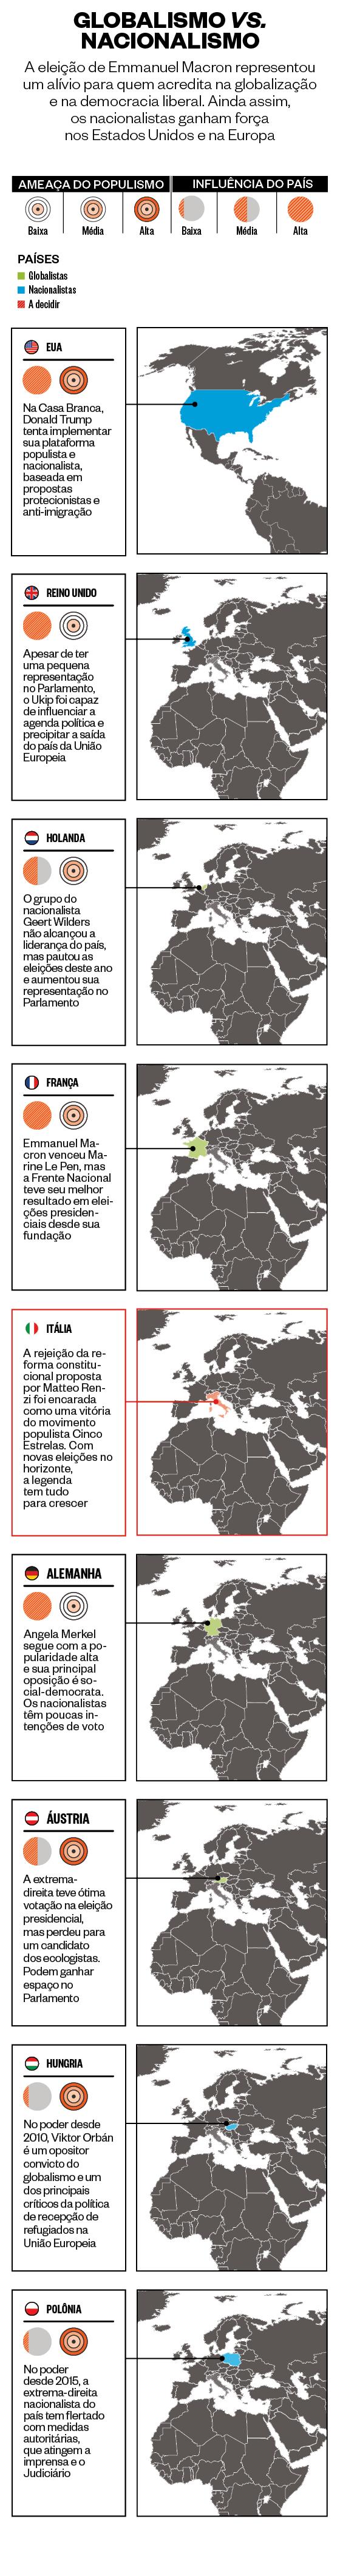 GLOBALISMO VS. NACIONALISMO (Foto: ÉPOCA)